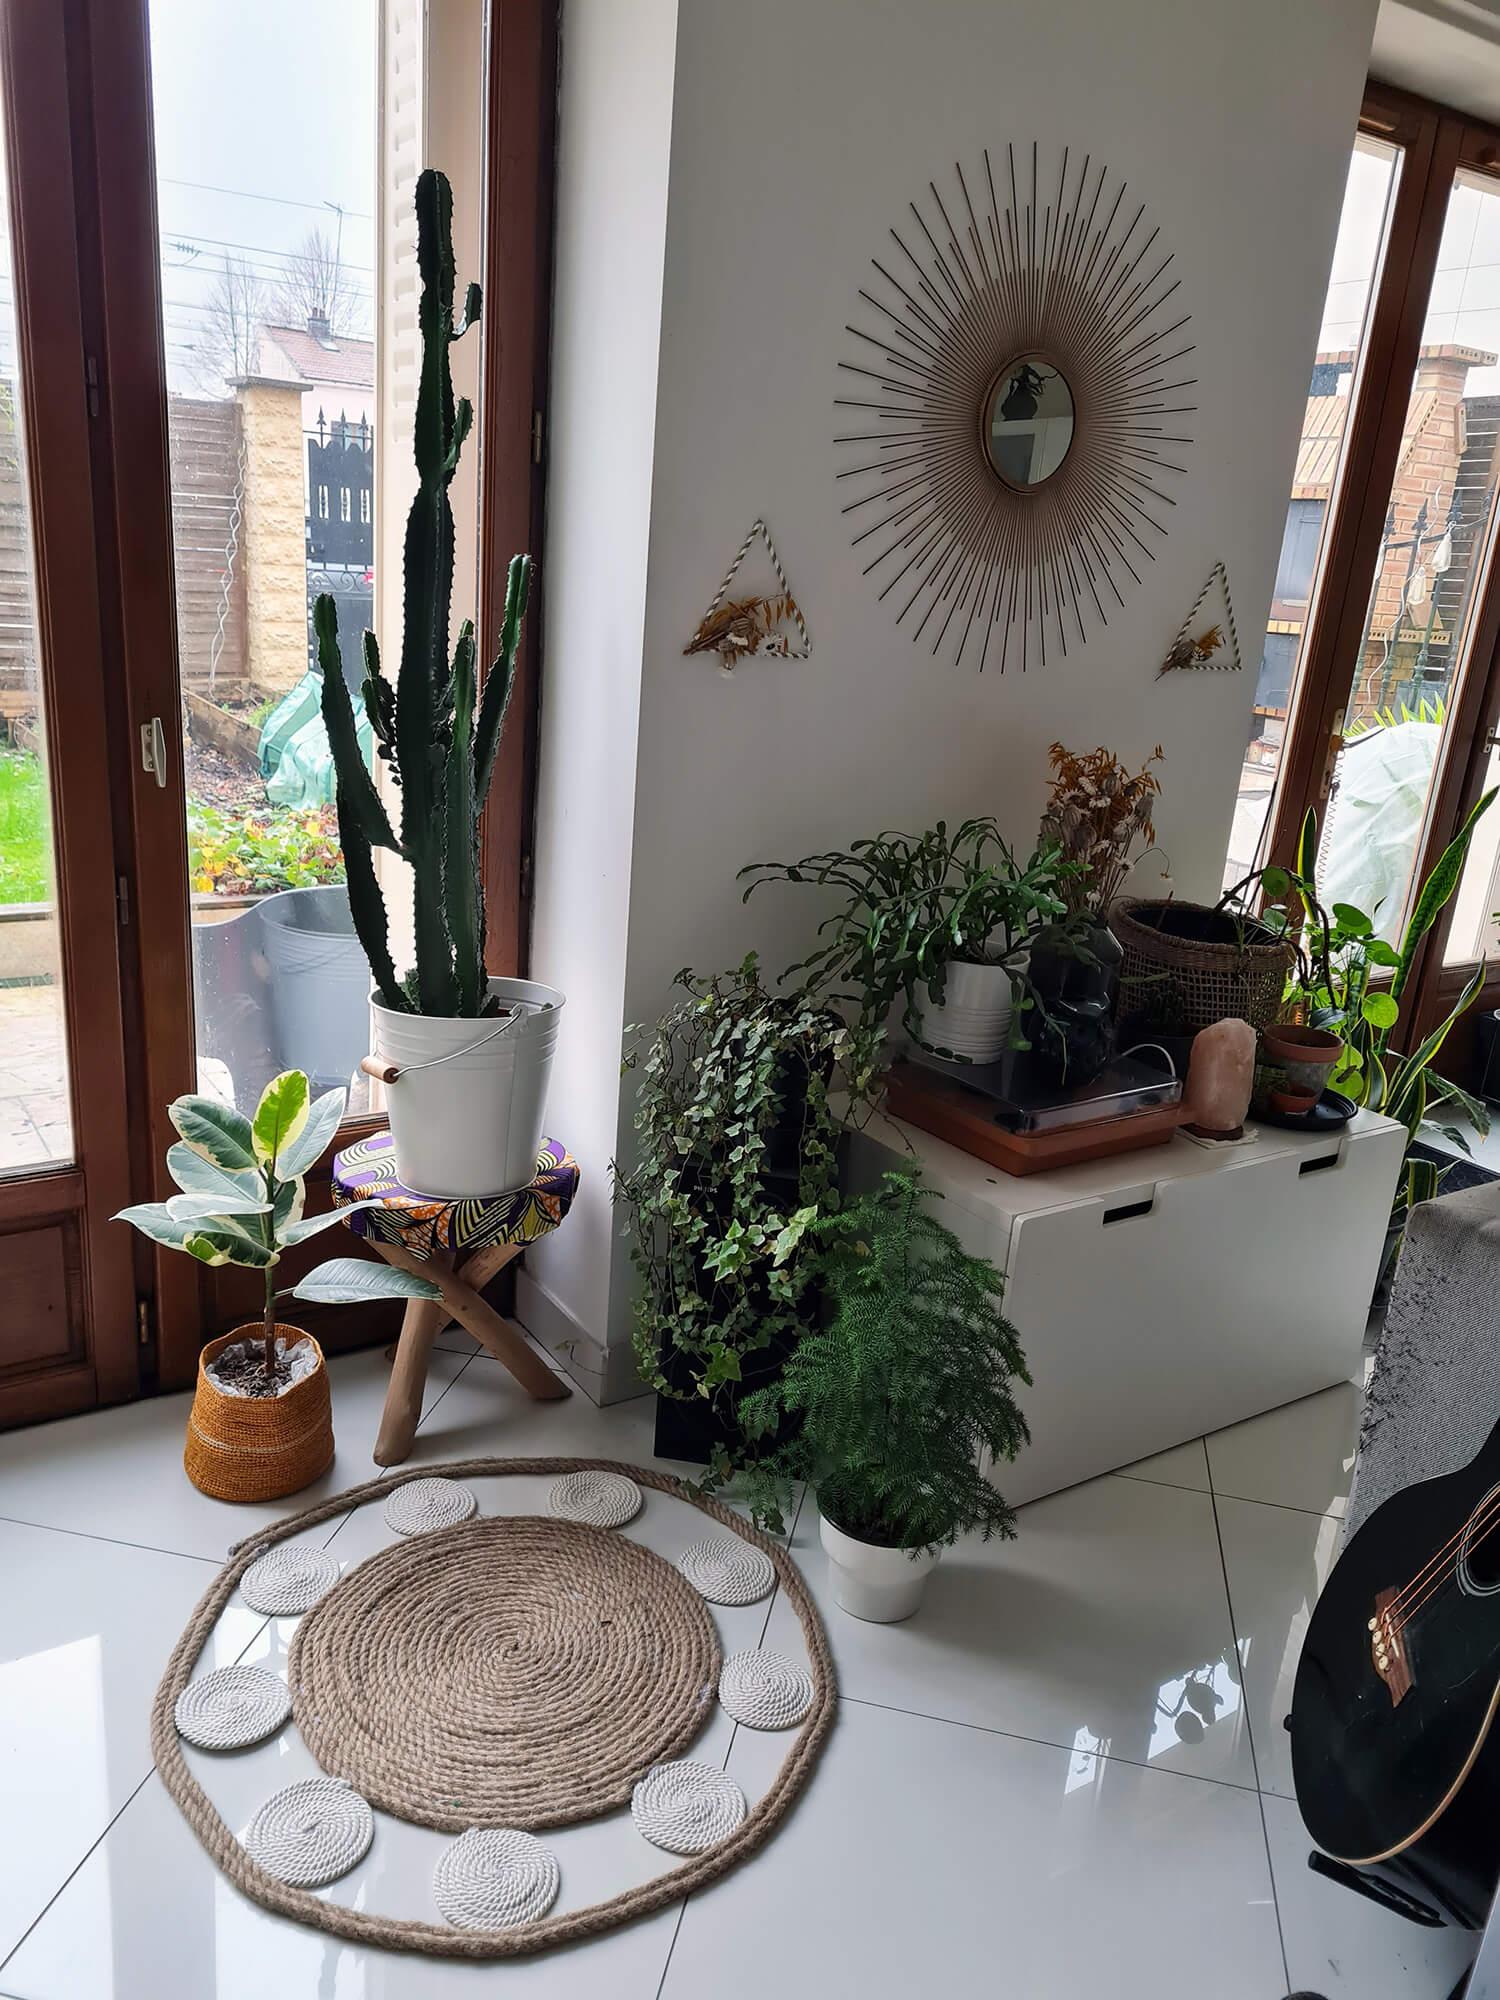 20210107 104342 1 - DIY bohème : fabriquer un tapis mandala avec des cordes